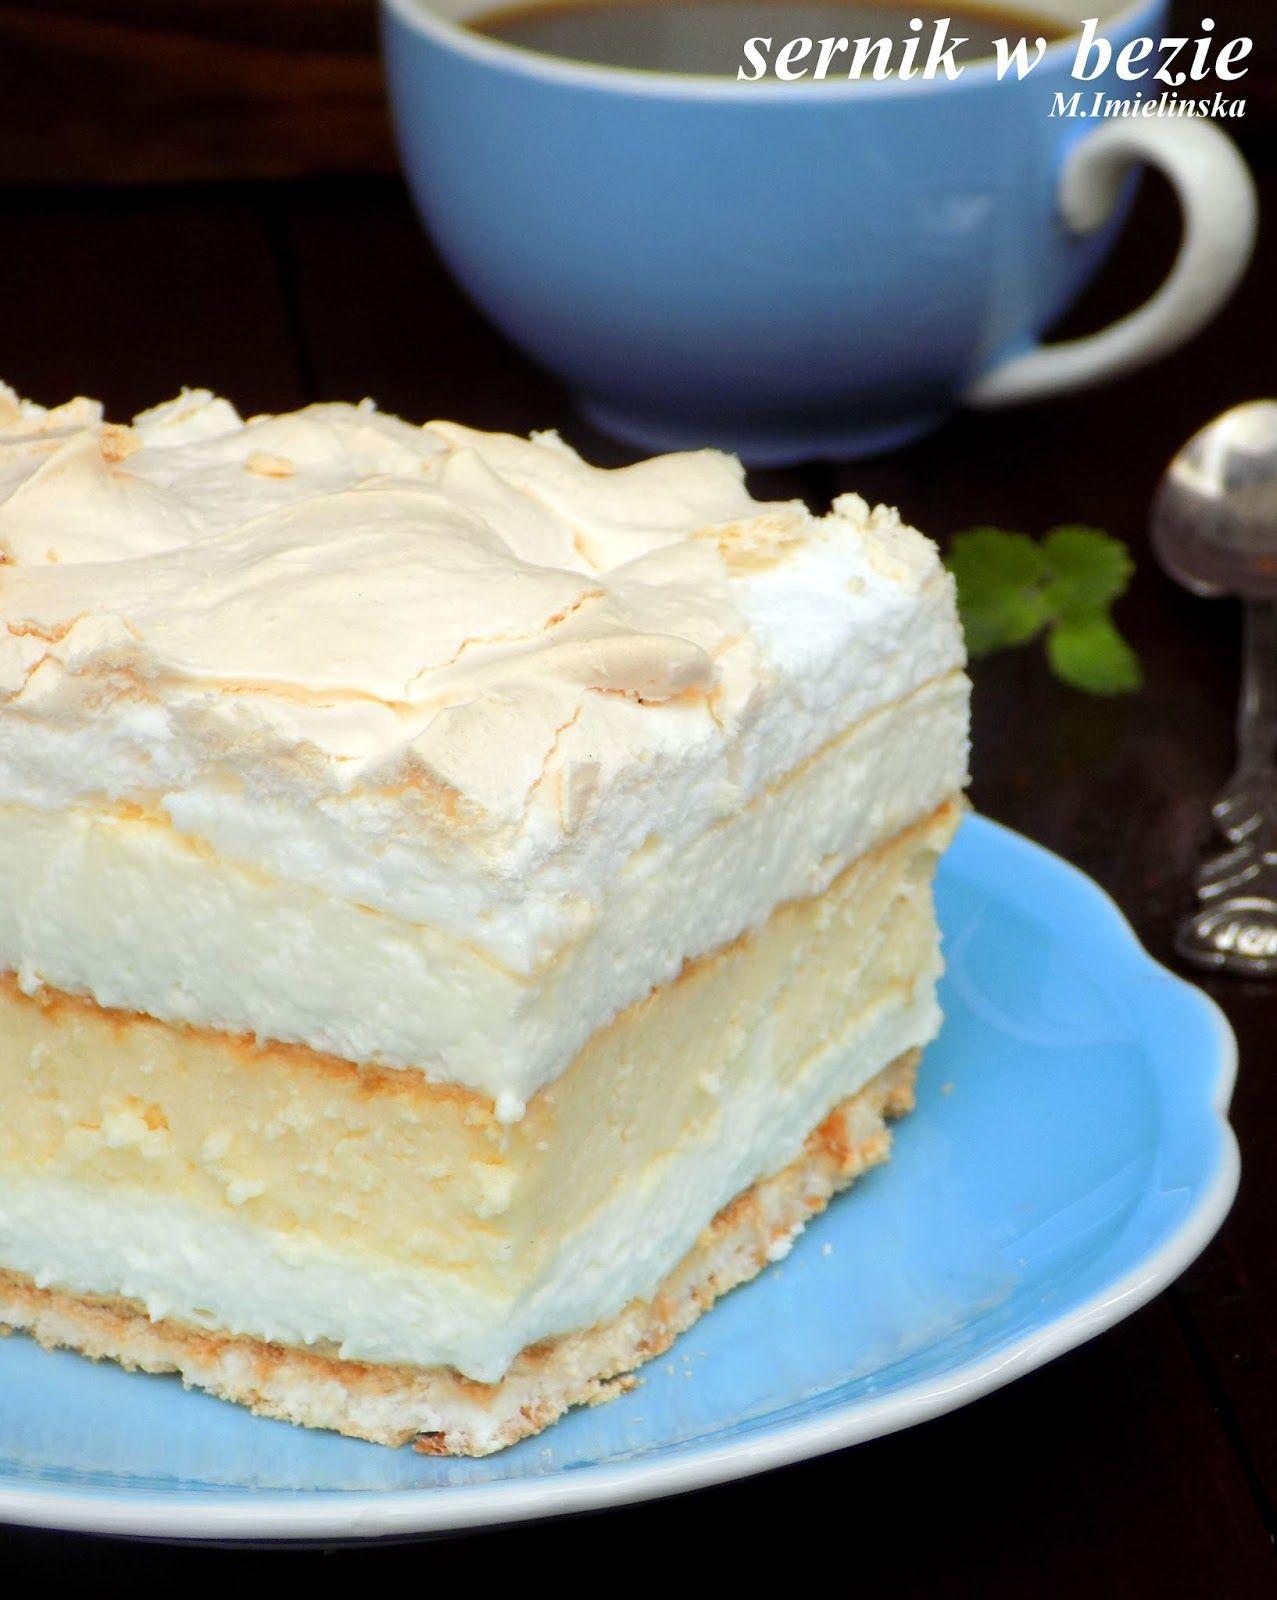 Domowa Cukierenka - Domowa Kuchnia: sernik w bezie